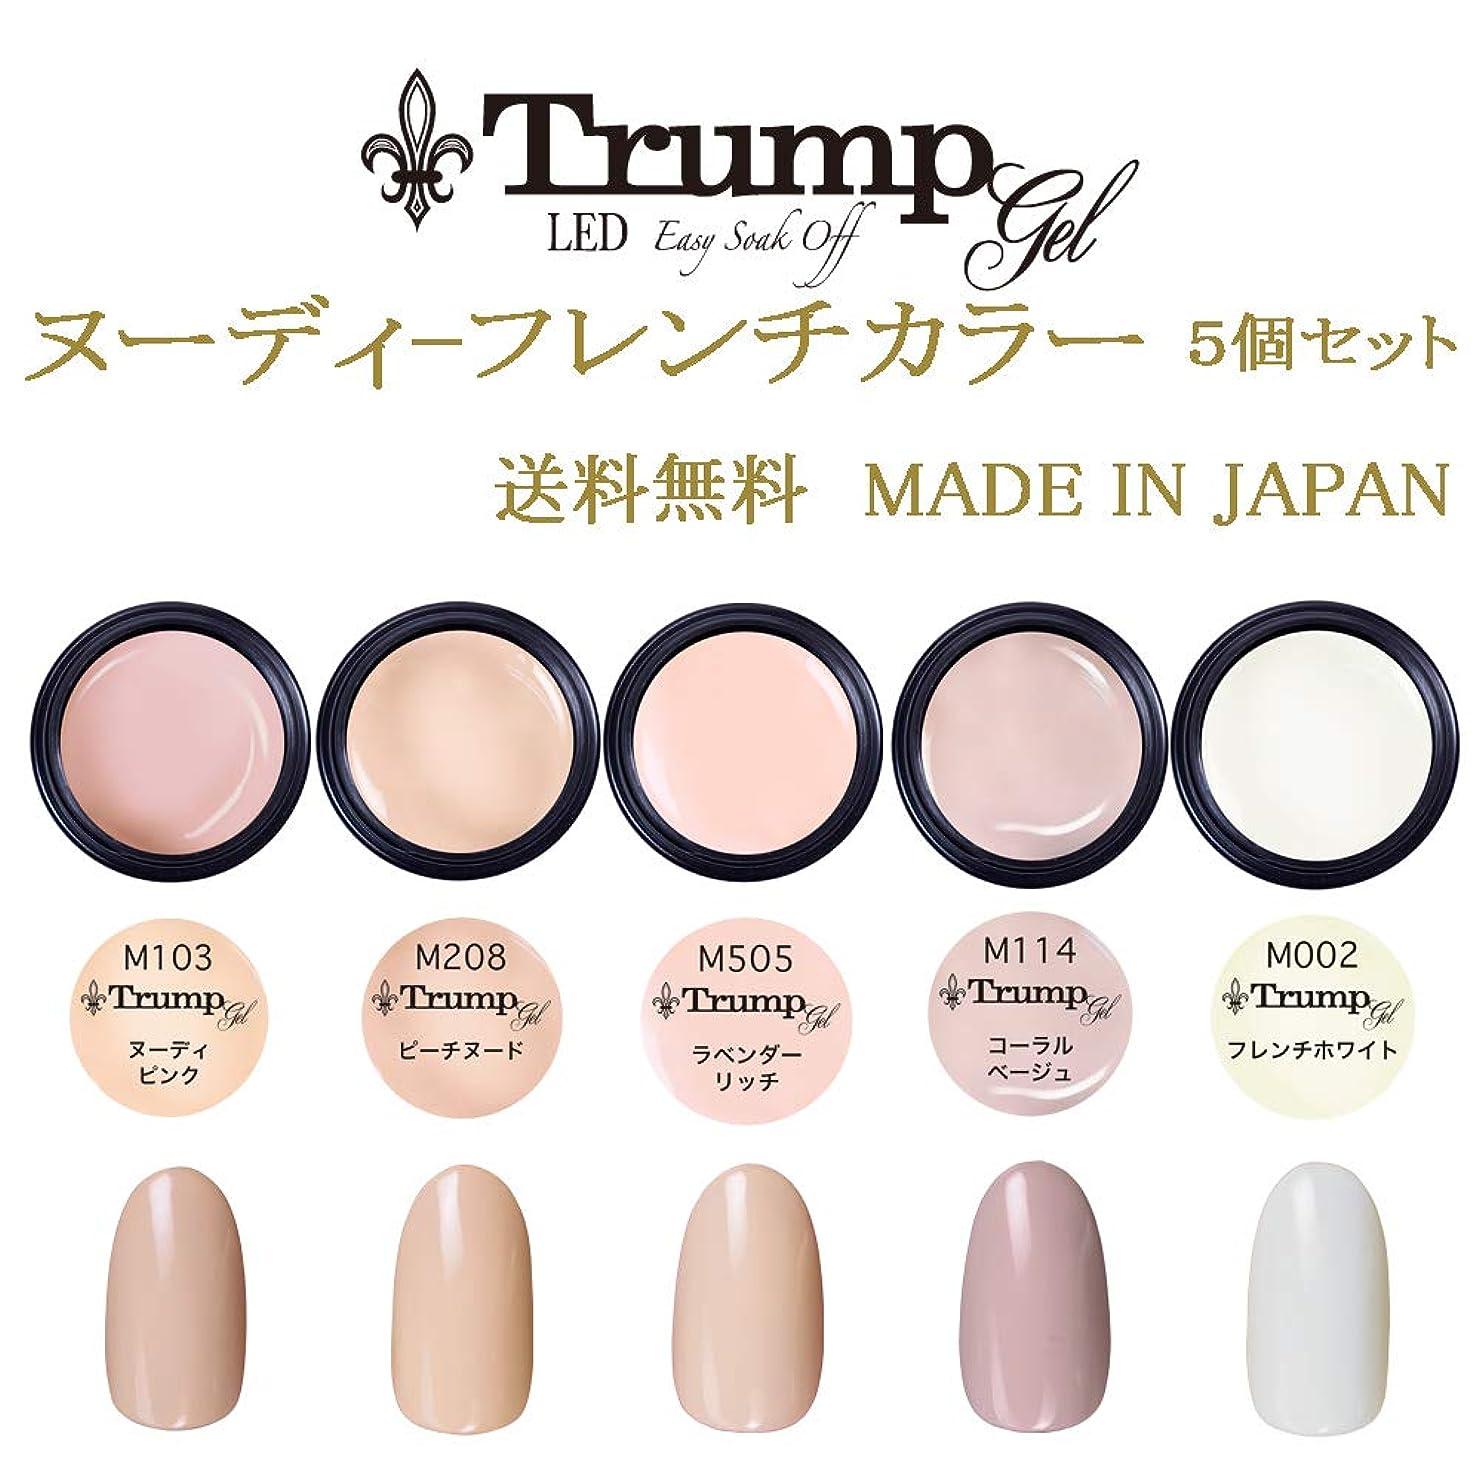 エレクトロニックルー許さない【送料無料】日本製 Trump gel トランプジェルヌーディフレンチカラージェル 5個セット 肌馴染みの良い ヌーデイフレンチカラージェルセット